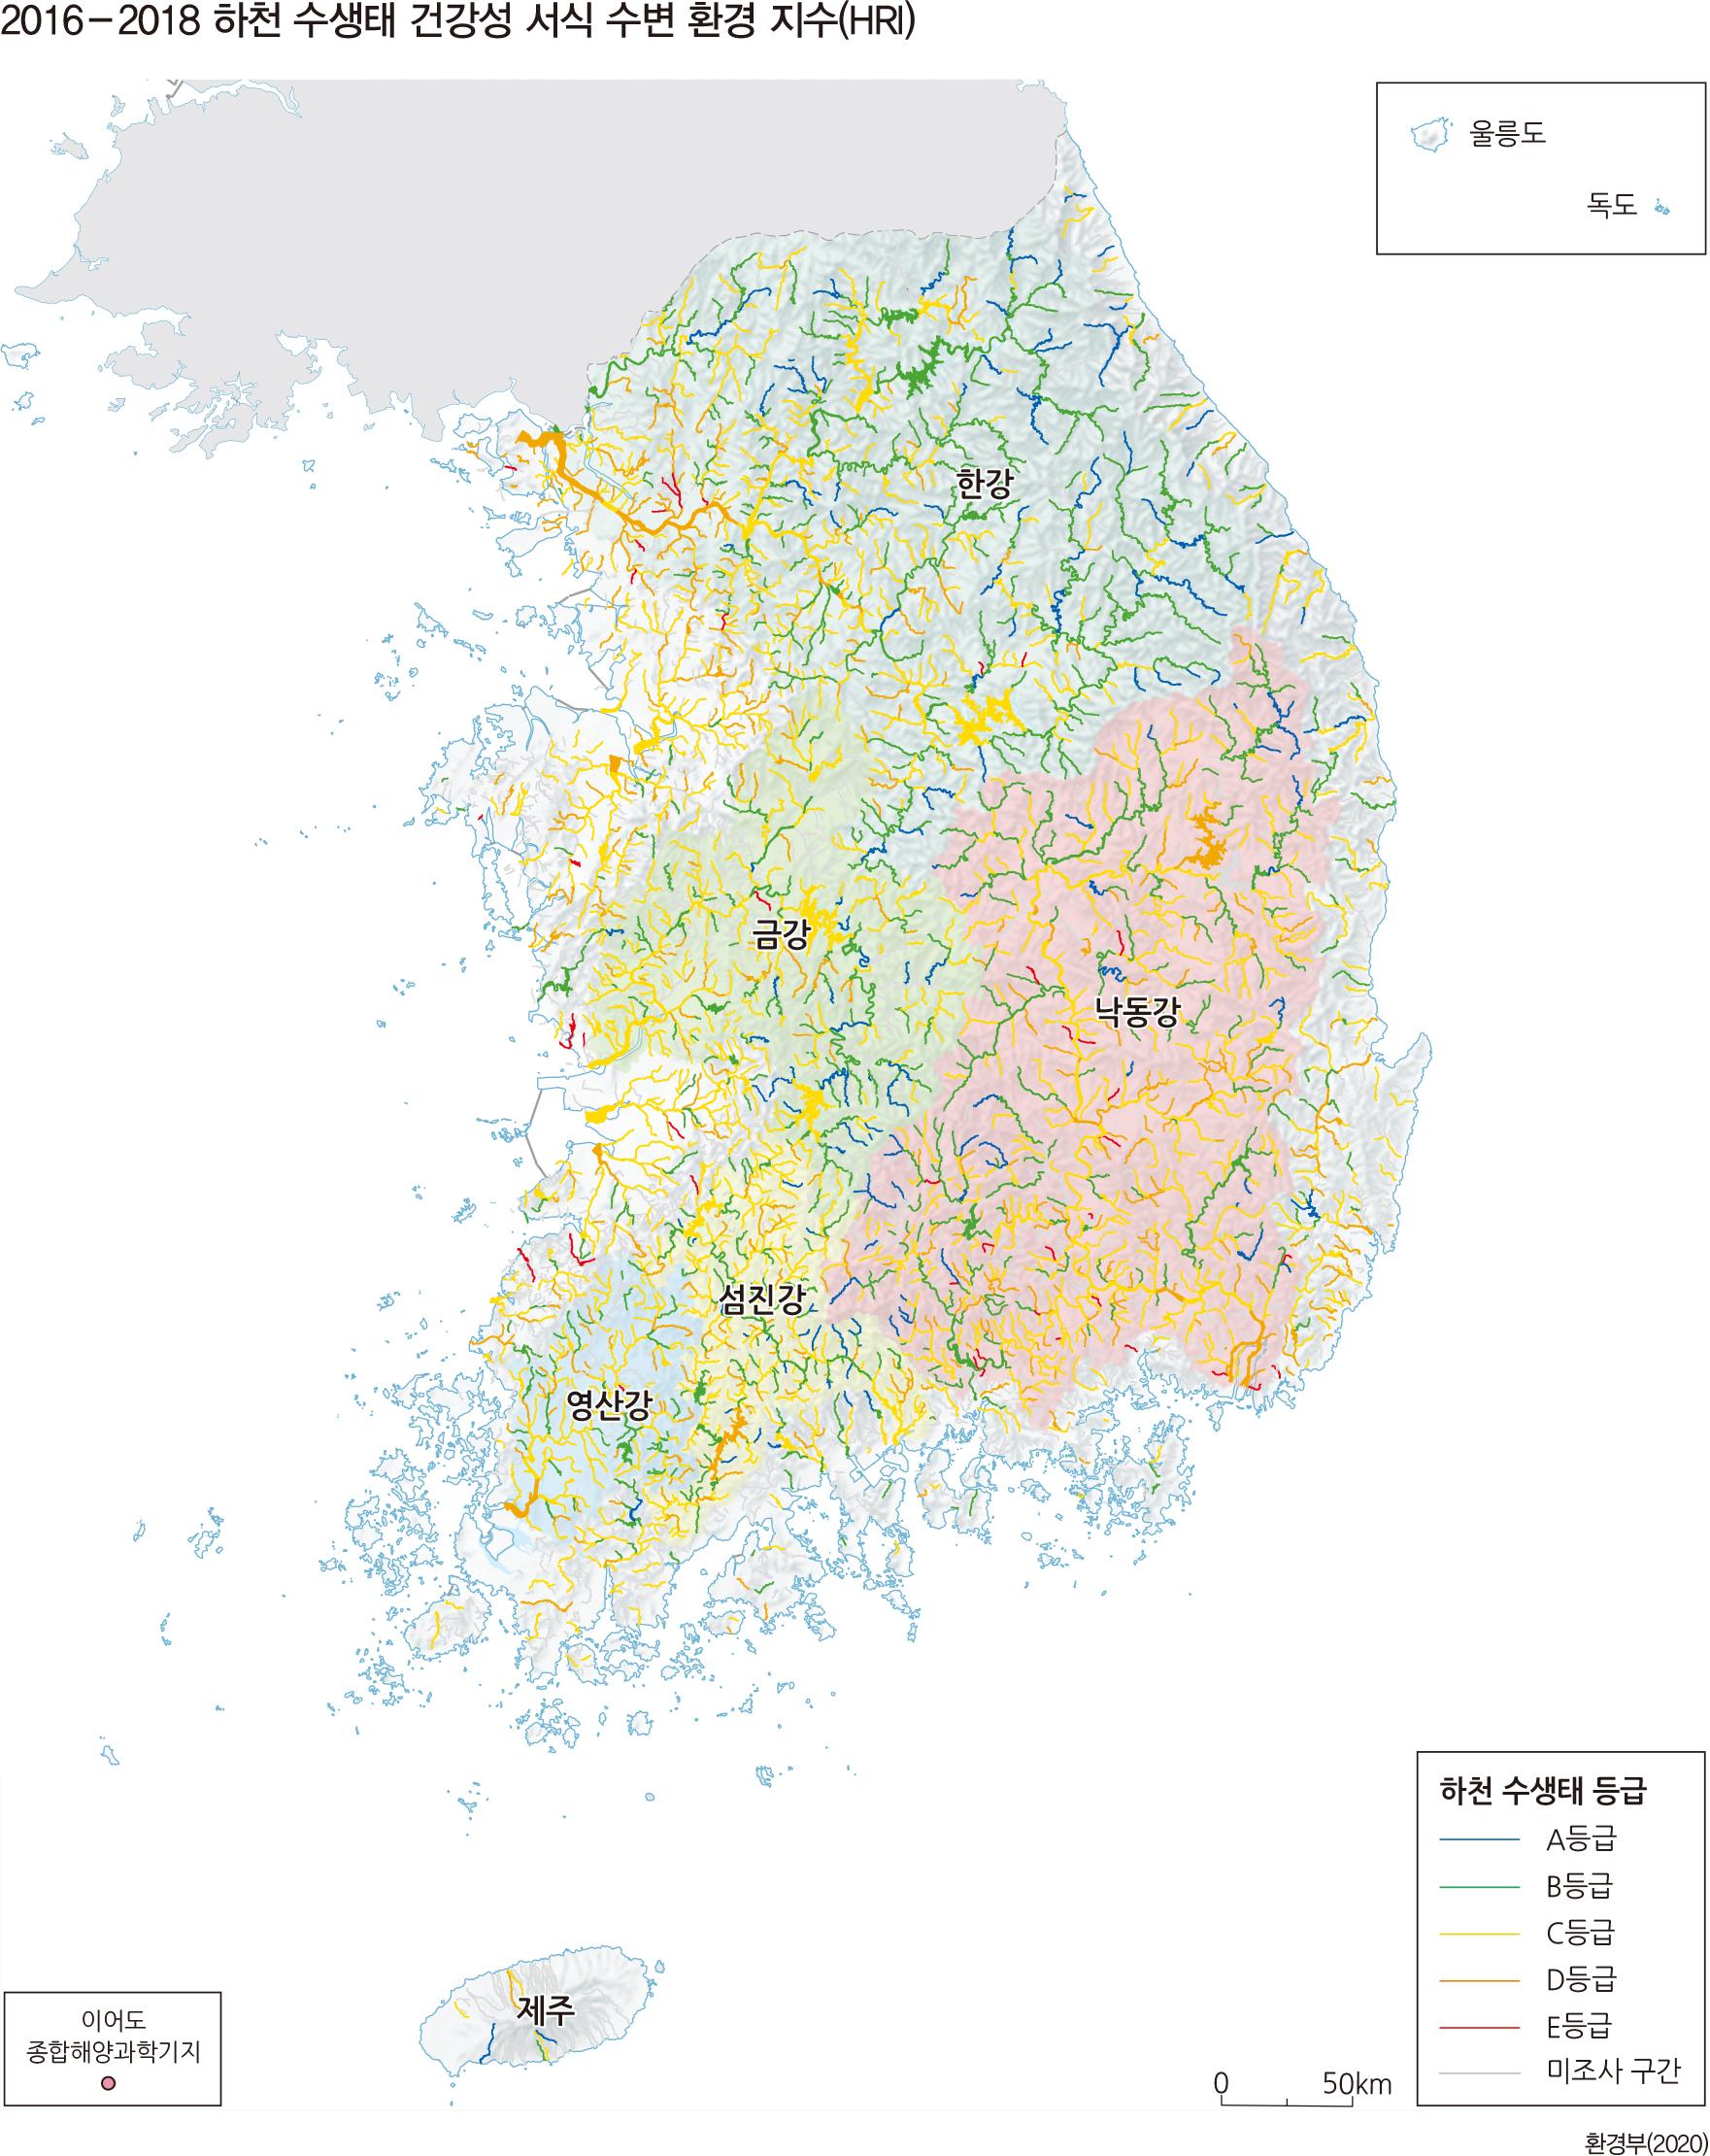 2016 - 2018 하천 수생태 건강성 서식 수변 환경 지수(HRI)